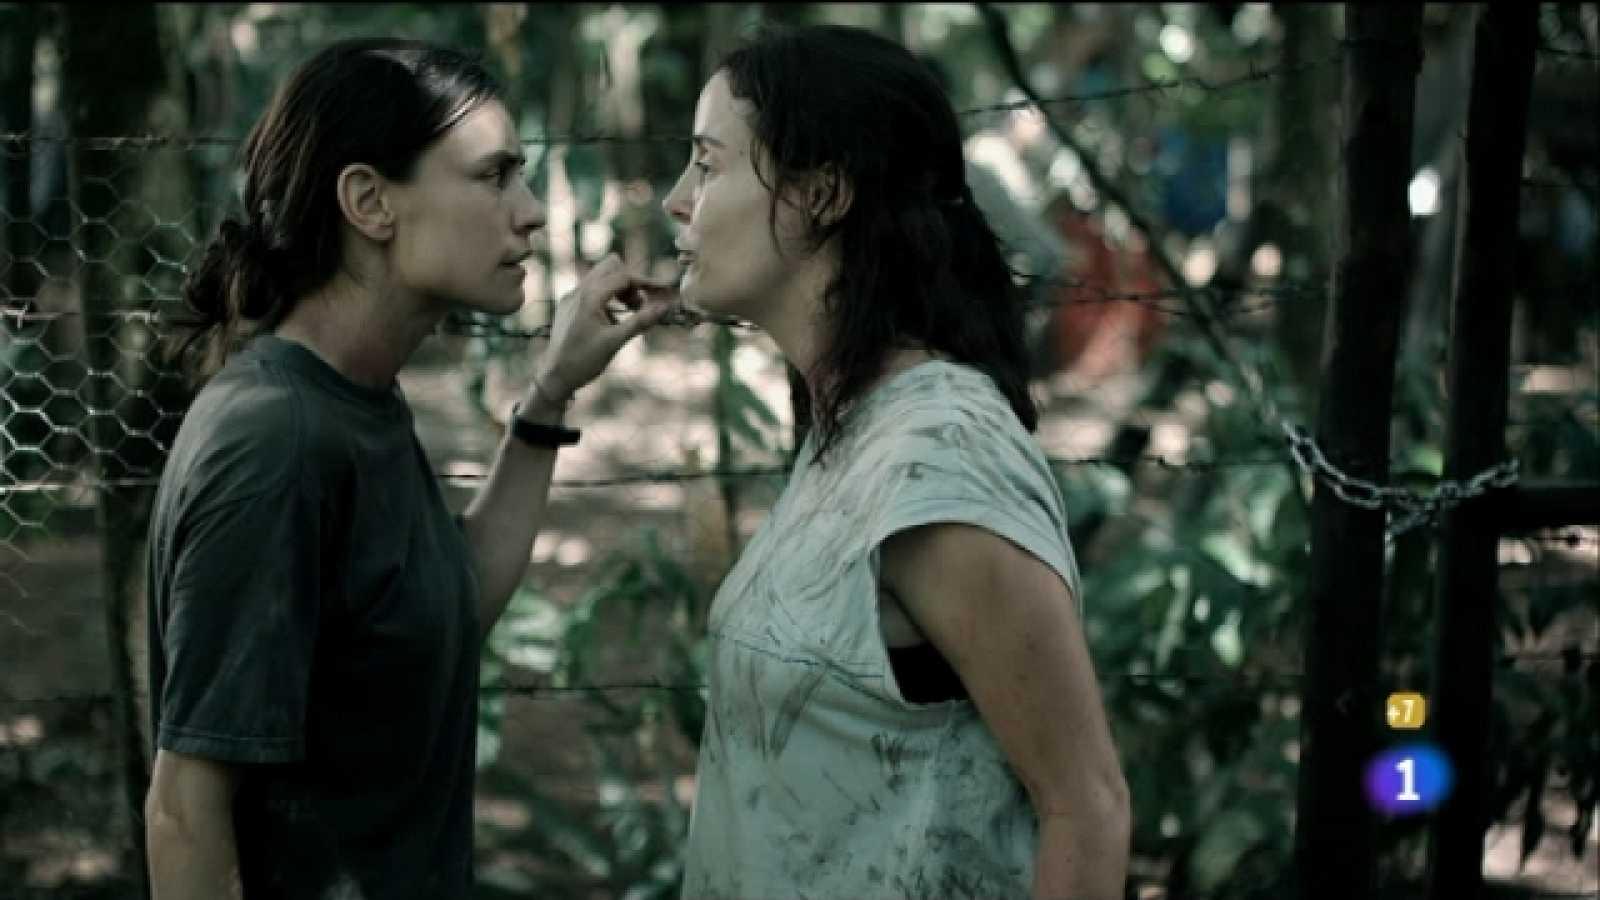 Operación Jaque - Capítulo 1 -  El 23 de febrero de 2002, Ingrid Betancourt fue secuestrada por las FARC - Ver ahora